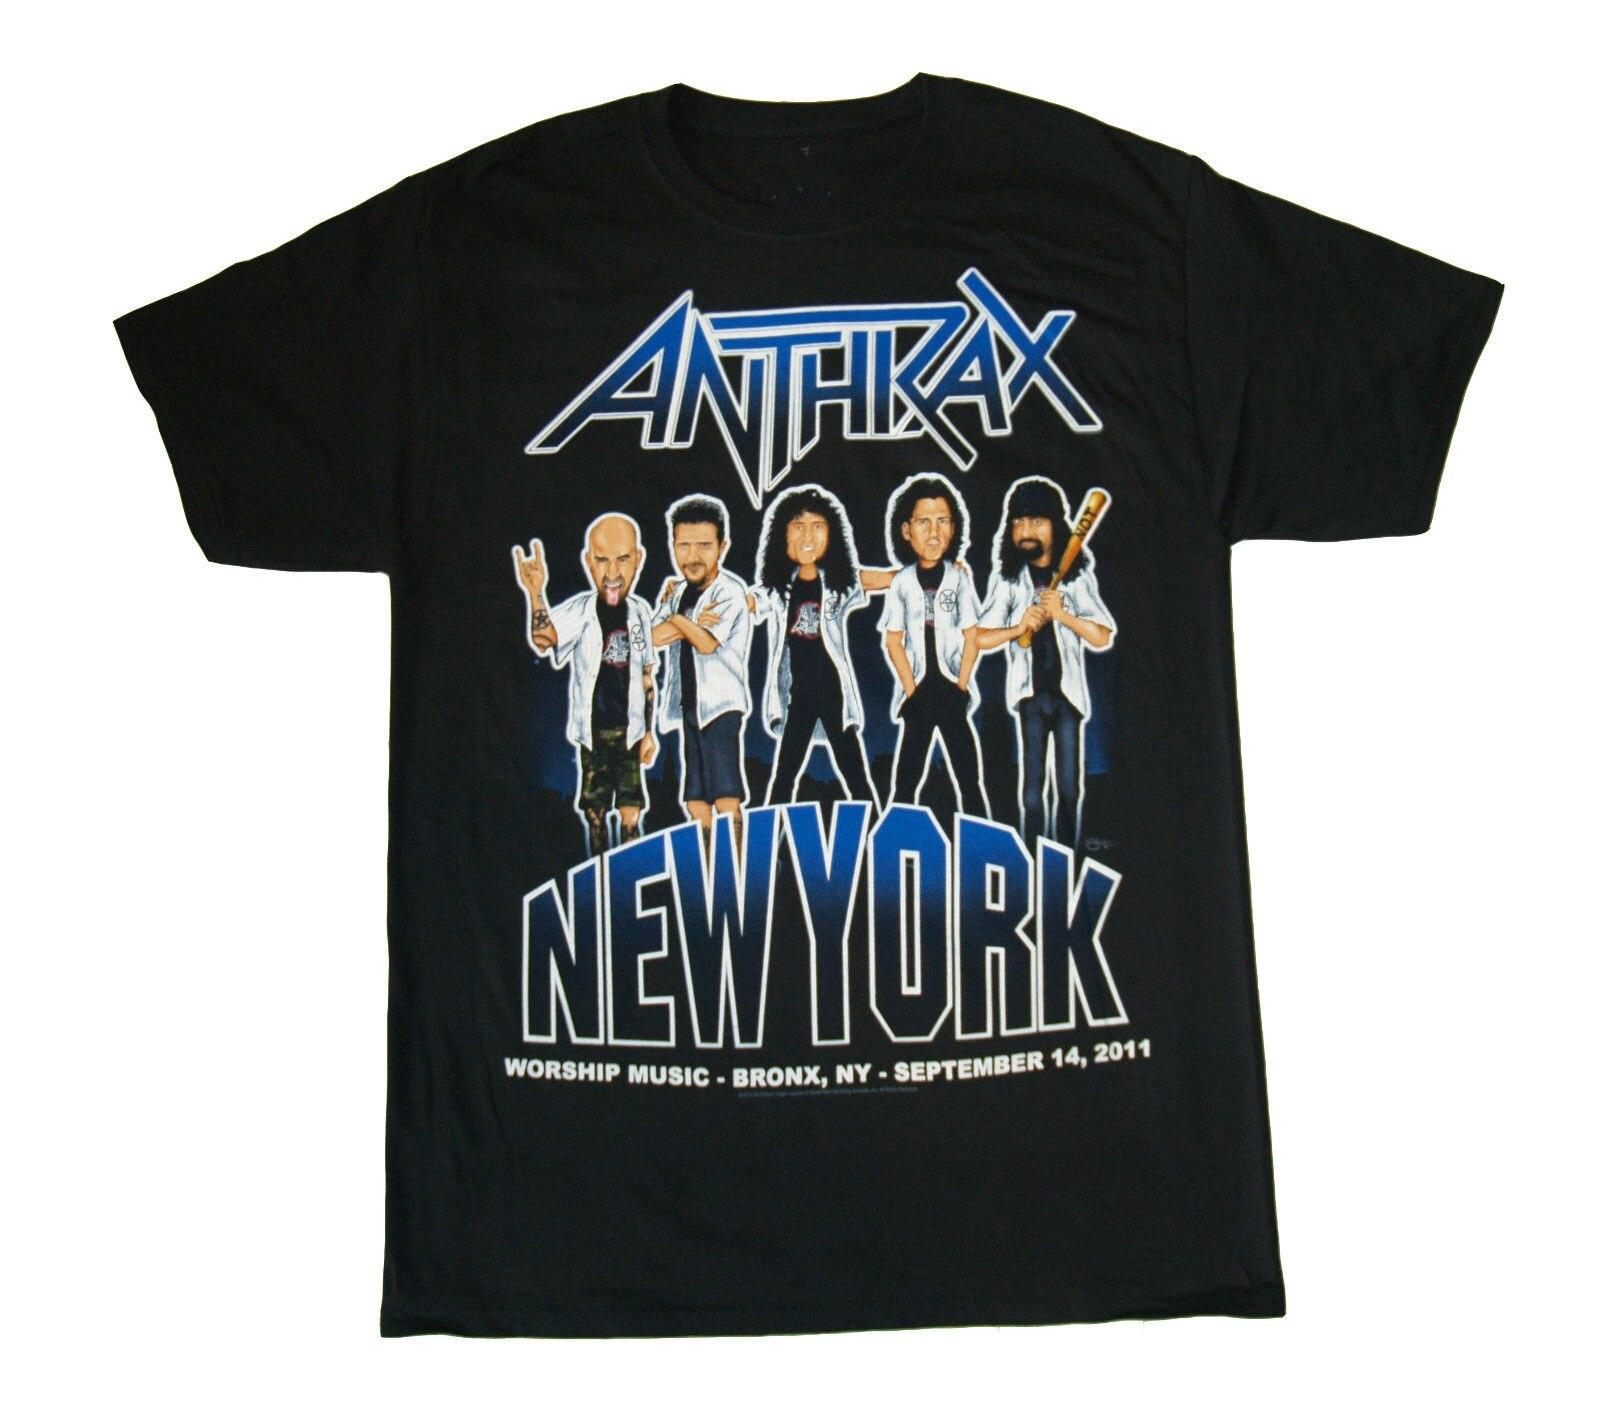 Gildan ANTHRAX Band Logo T SHIRT M- Brand New Official T Shirt custom t shirt making